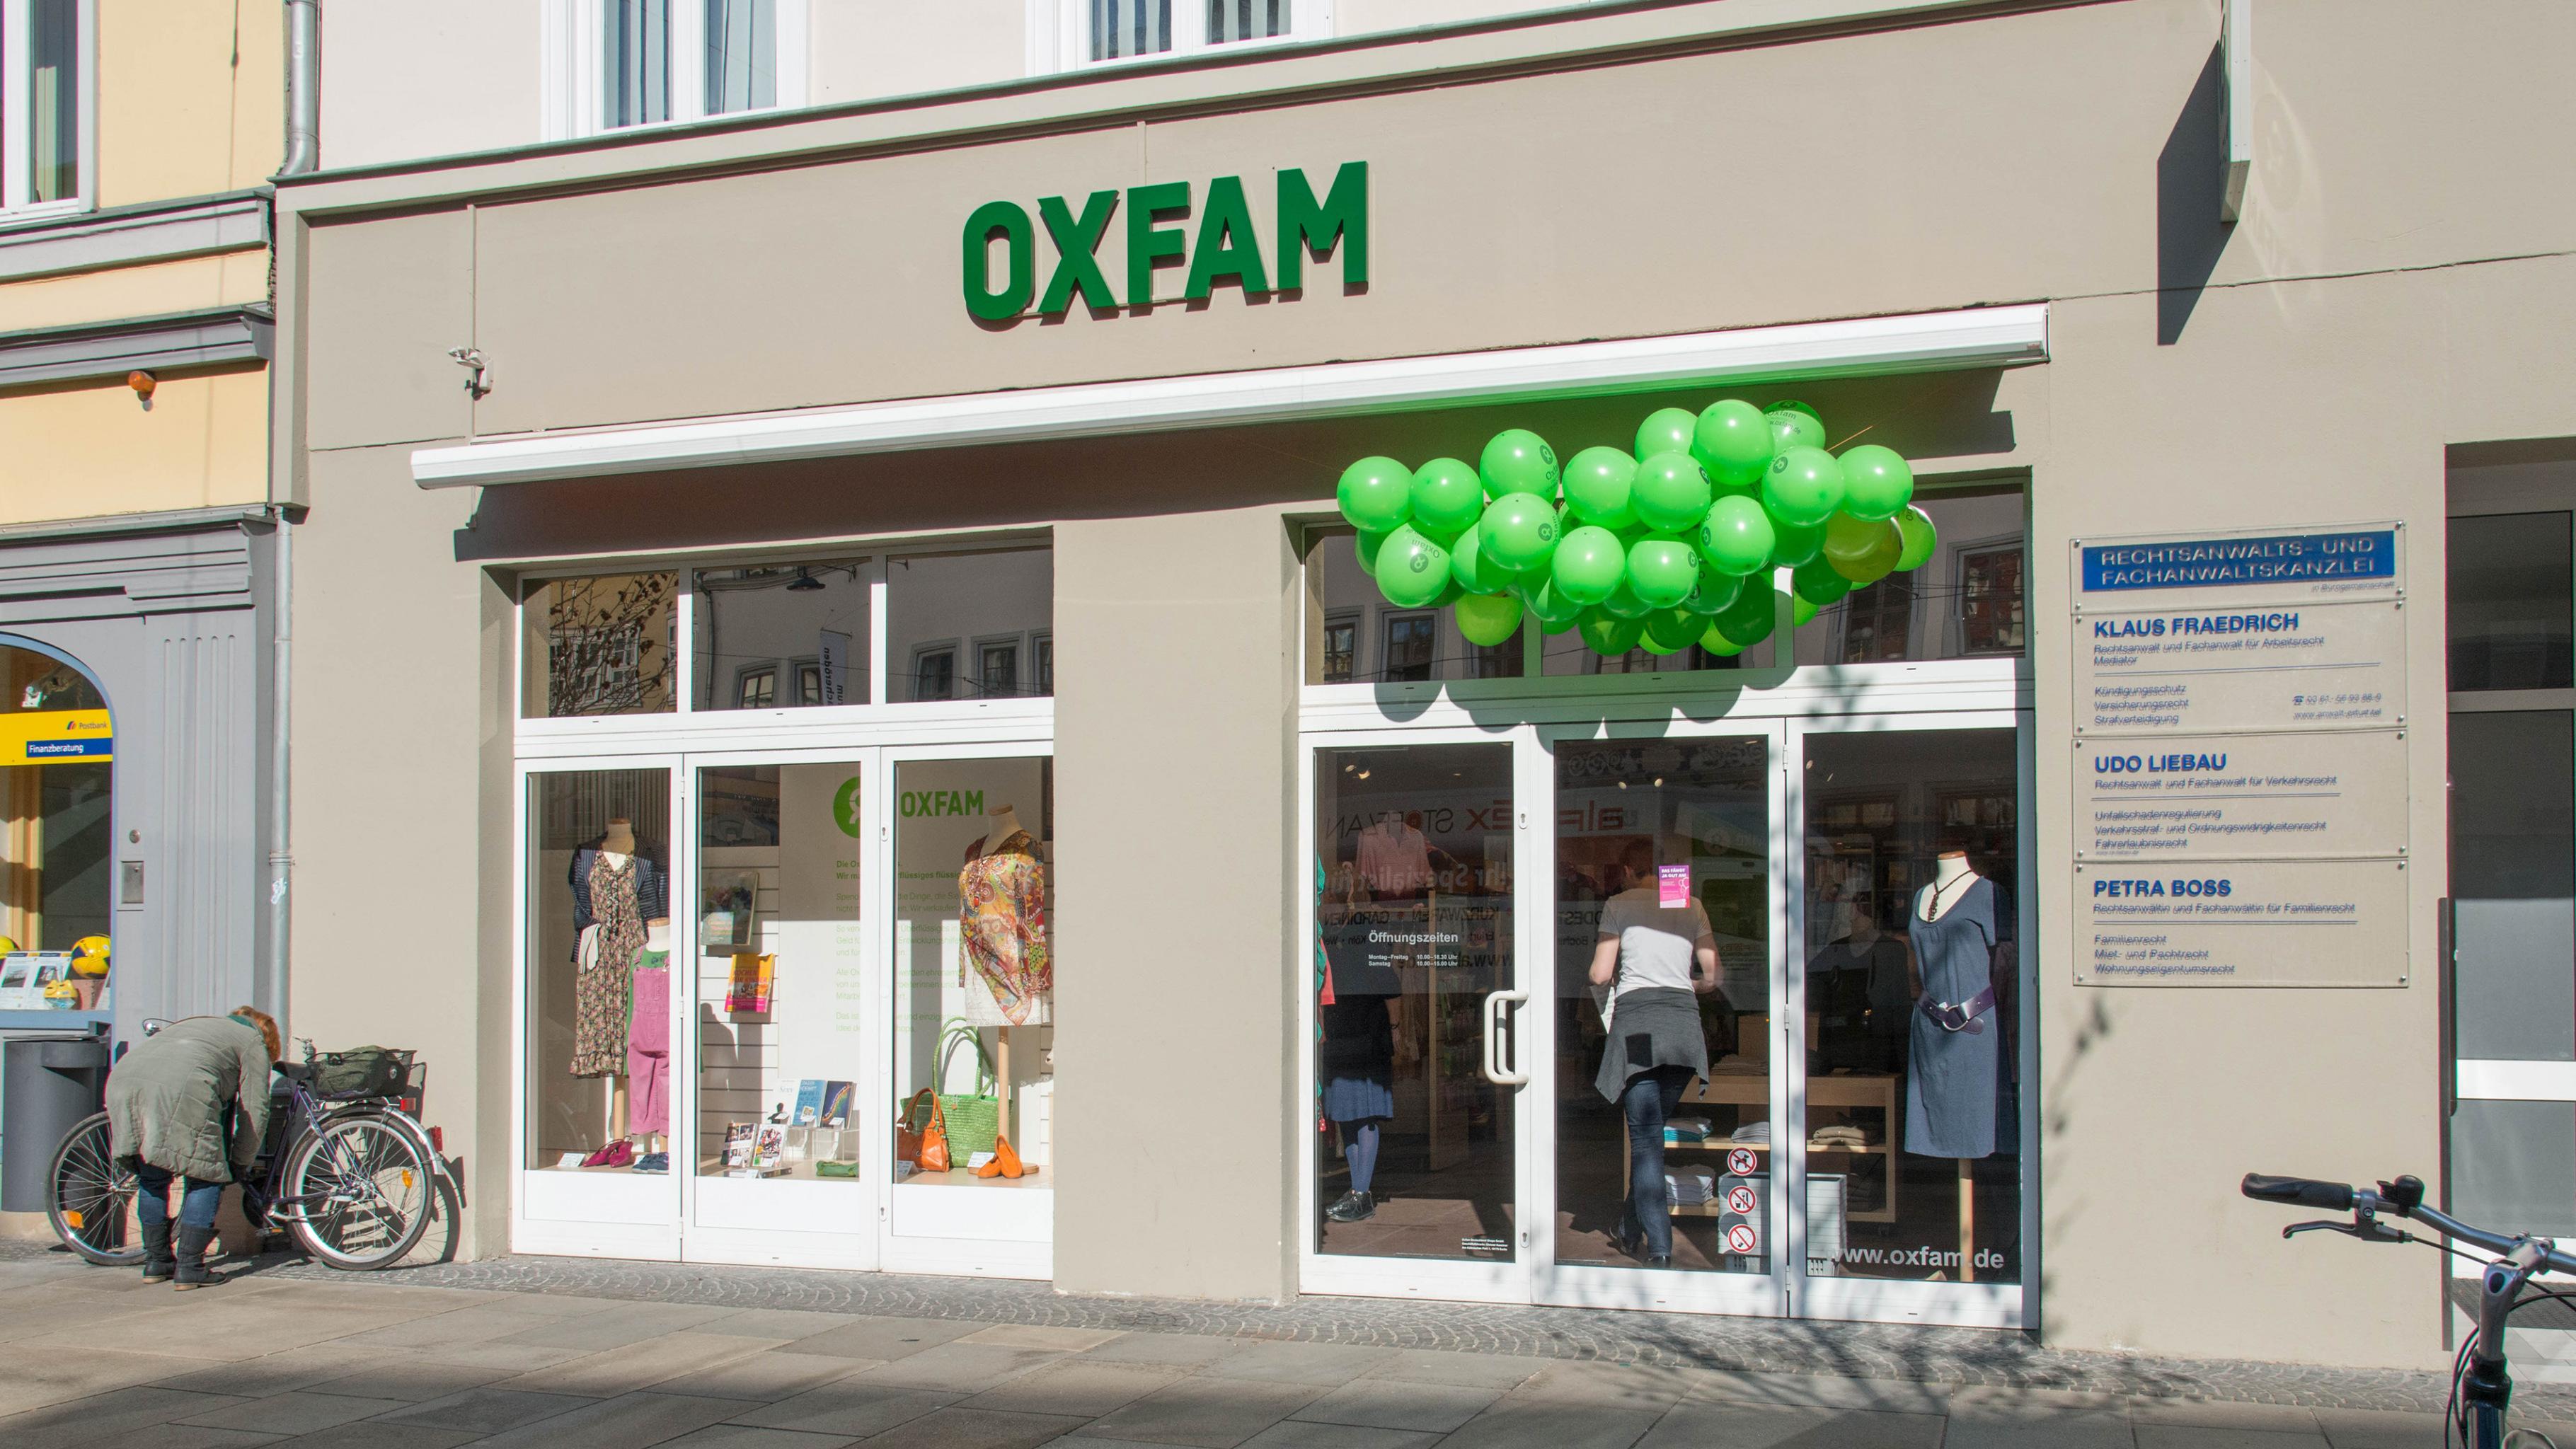 Oxfam Shop Erfurt - Außenansicht